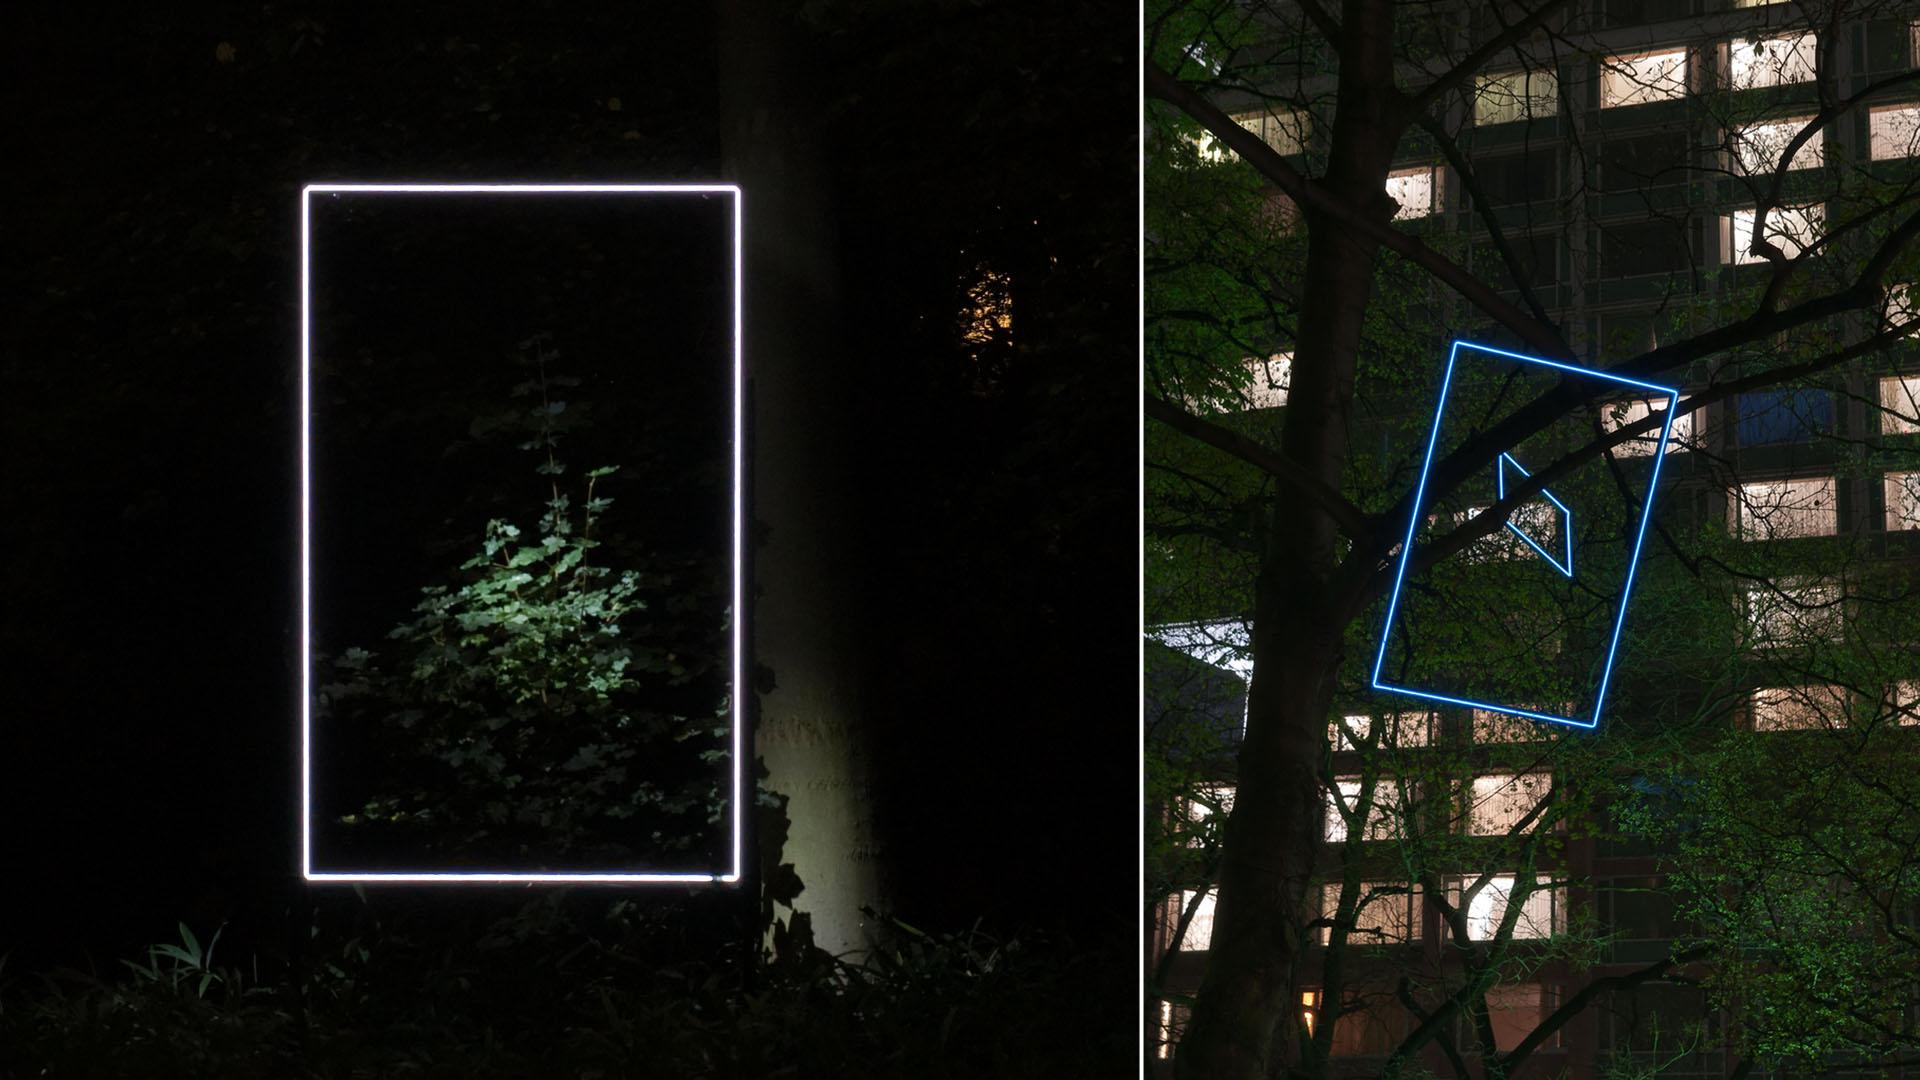 MAASS-Lichtplanung_Lichtkunst<br> Wanderausstellung__MAASS-Gallery-Without-Images-003